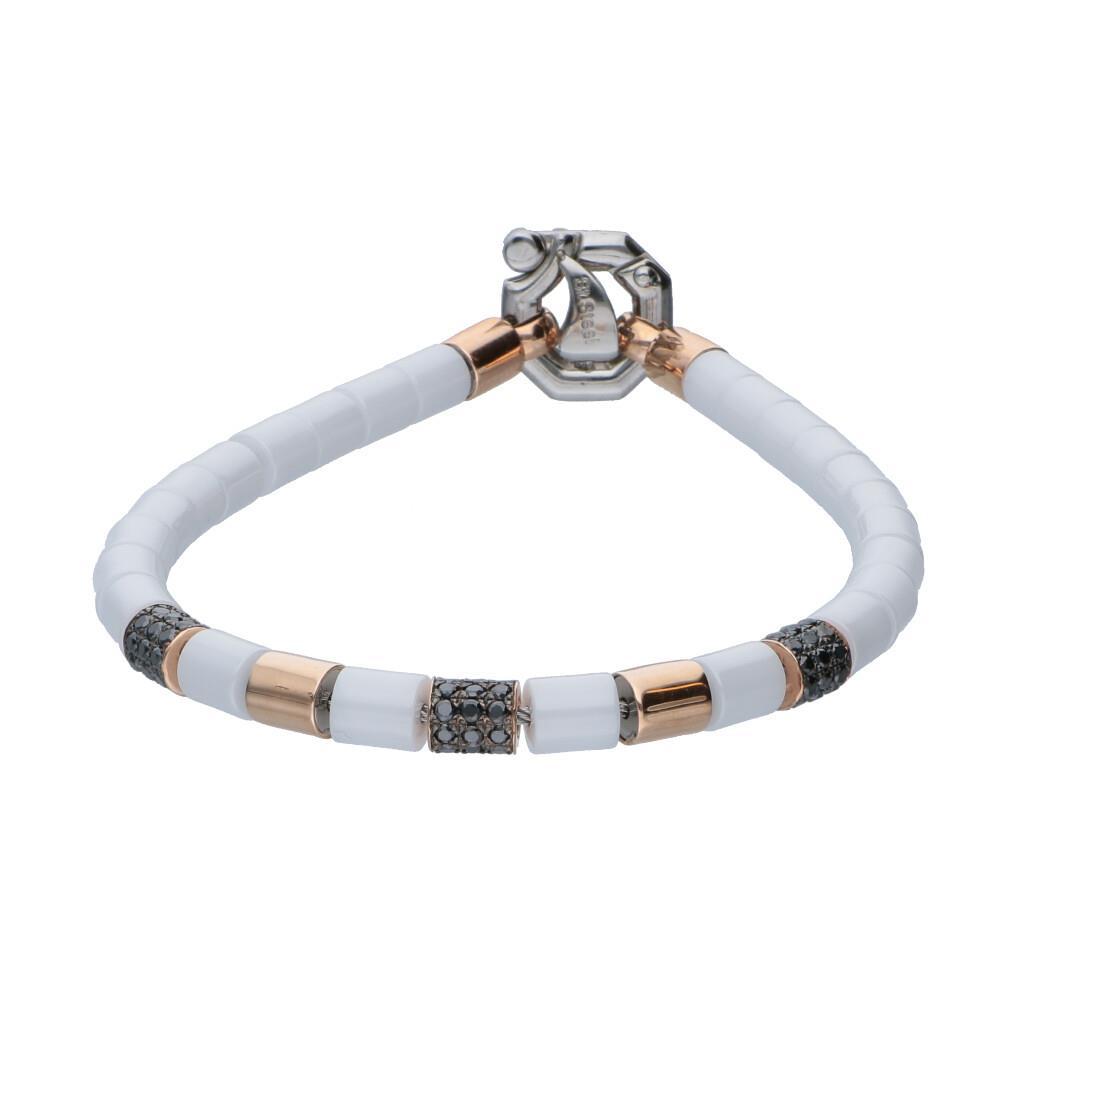 Bracciale da uomo in oro rosa, ceramica bianca e acciaio con diamanti neri ct 0.65 e diamante bianco ct 0.02, misura 18 - BARAKA